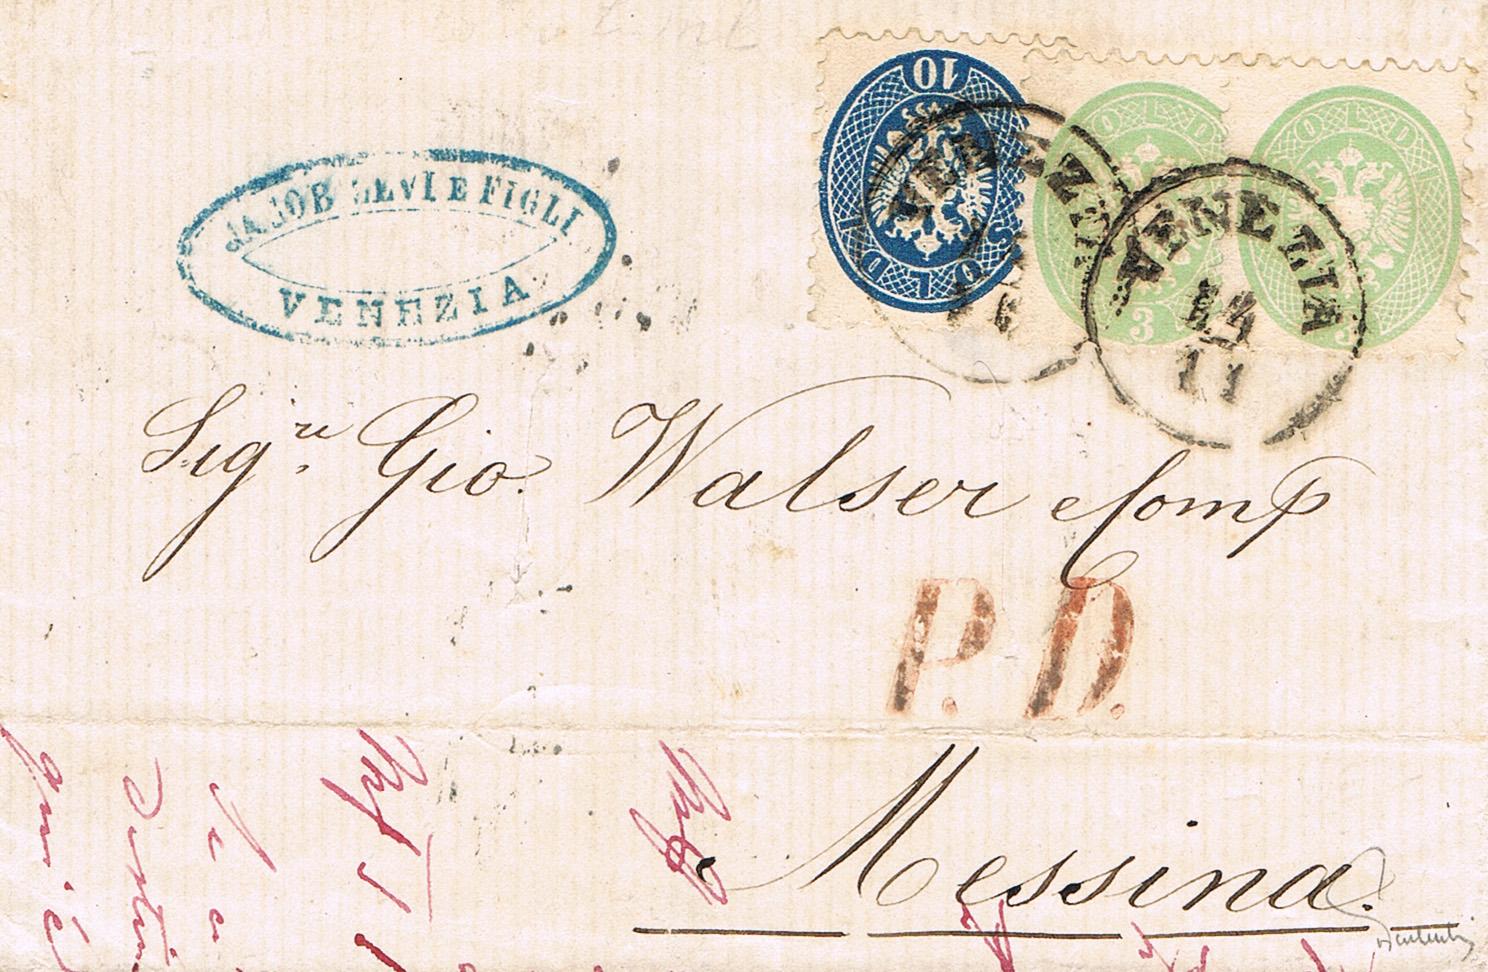 Philaseitende österreich Altbriefe Bestimmen Und Bewerten